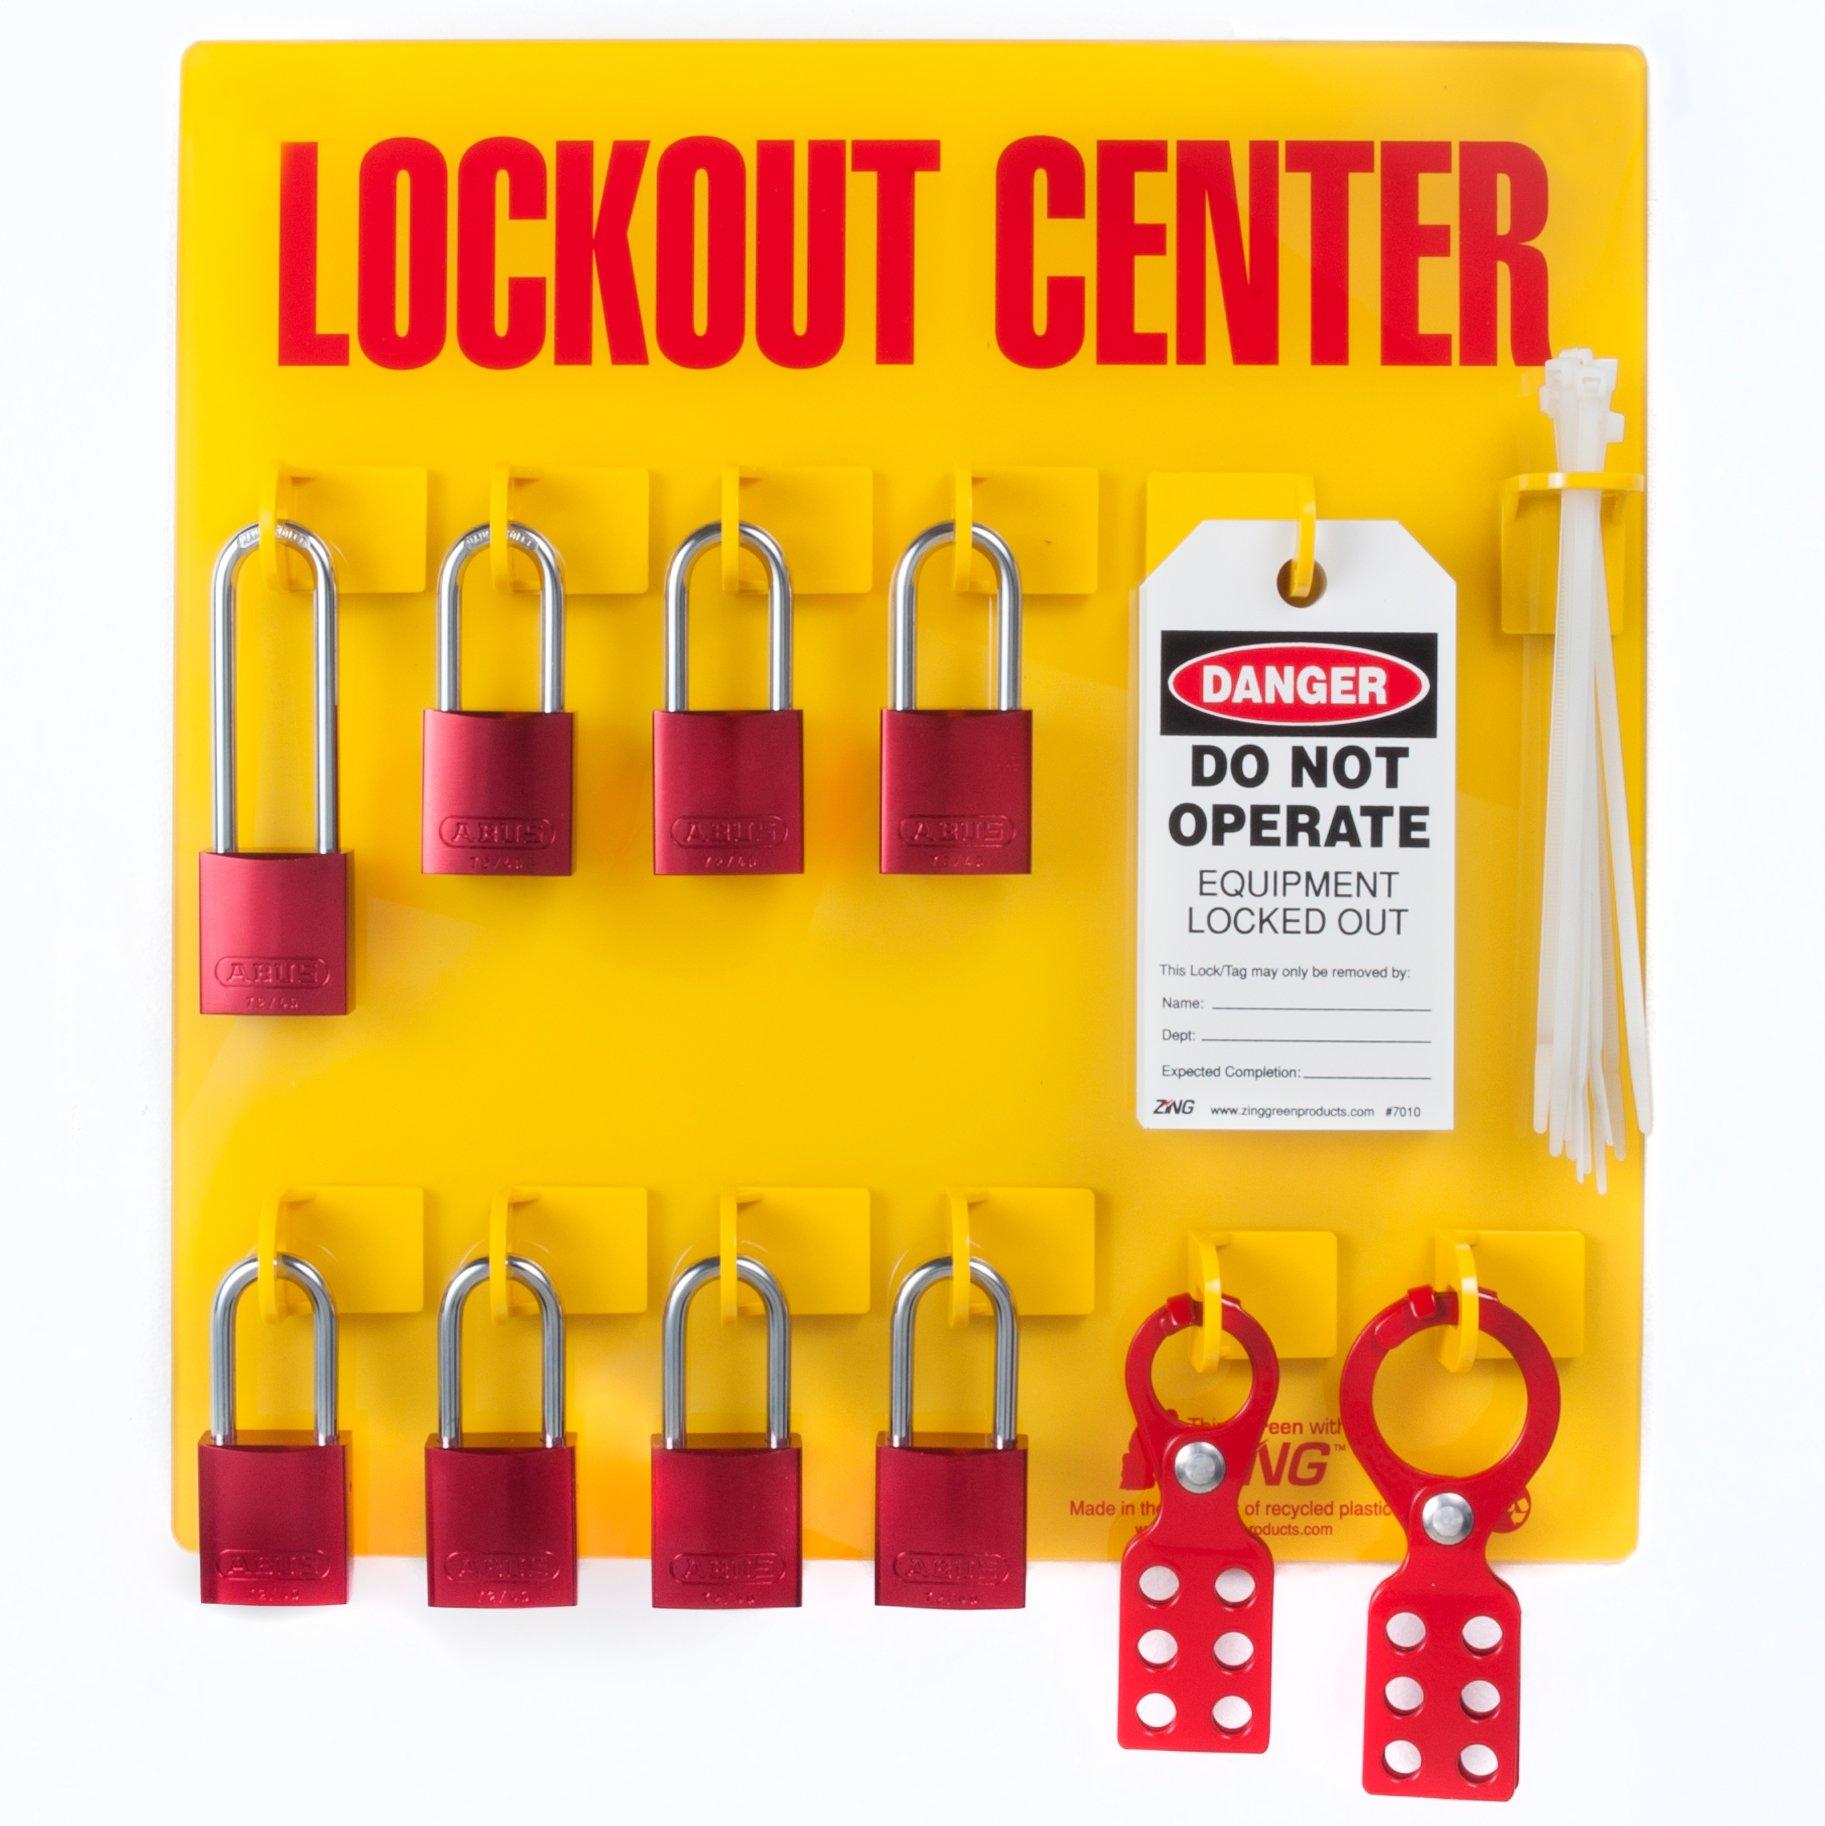 ZING 2727 RecycLockout Lockout Tagout Station, 8 Aluminum Padlock